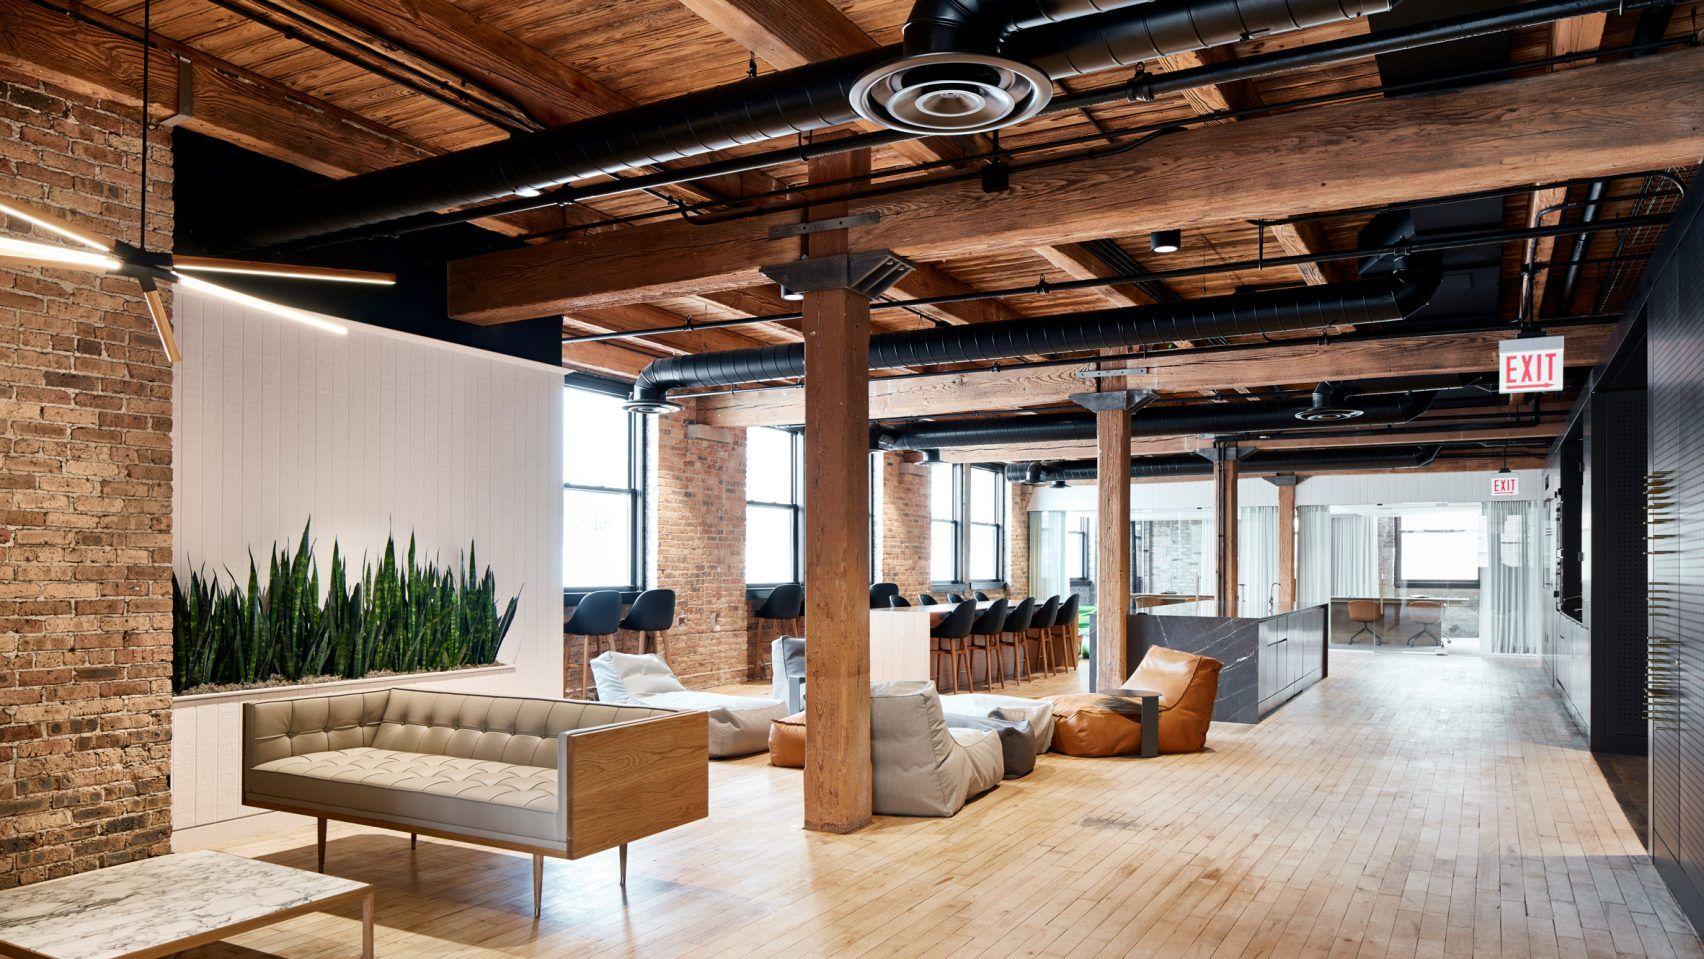 湖南浩安公装公司装修设计资讯知识衡阳办公室装修设计的三个目标四个需求是什么?